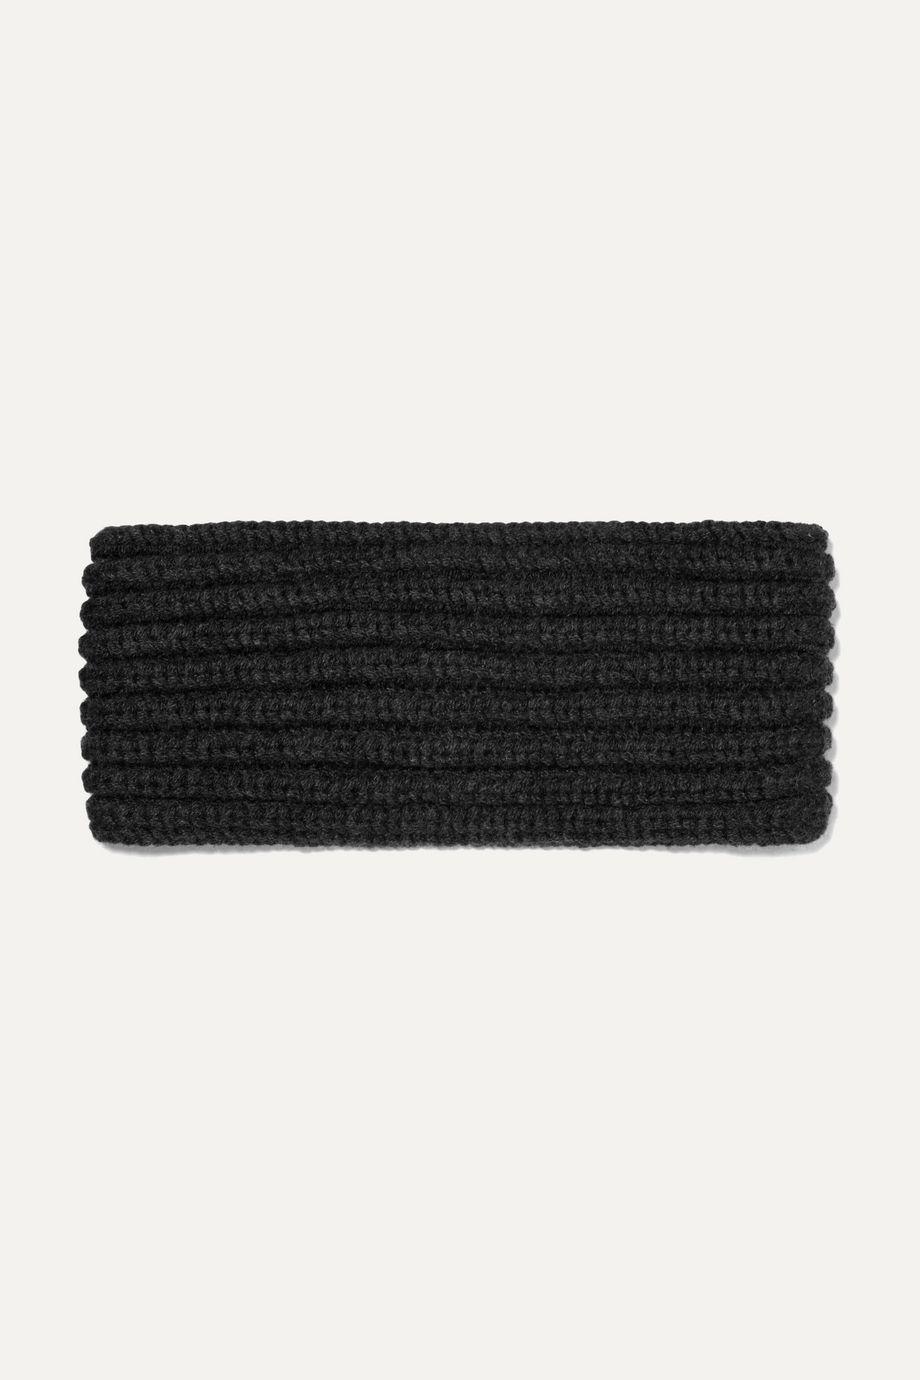 Loro Piana Ribbed cashmere headband